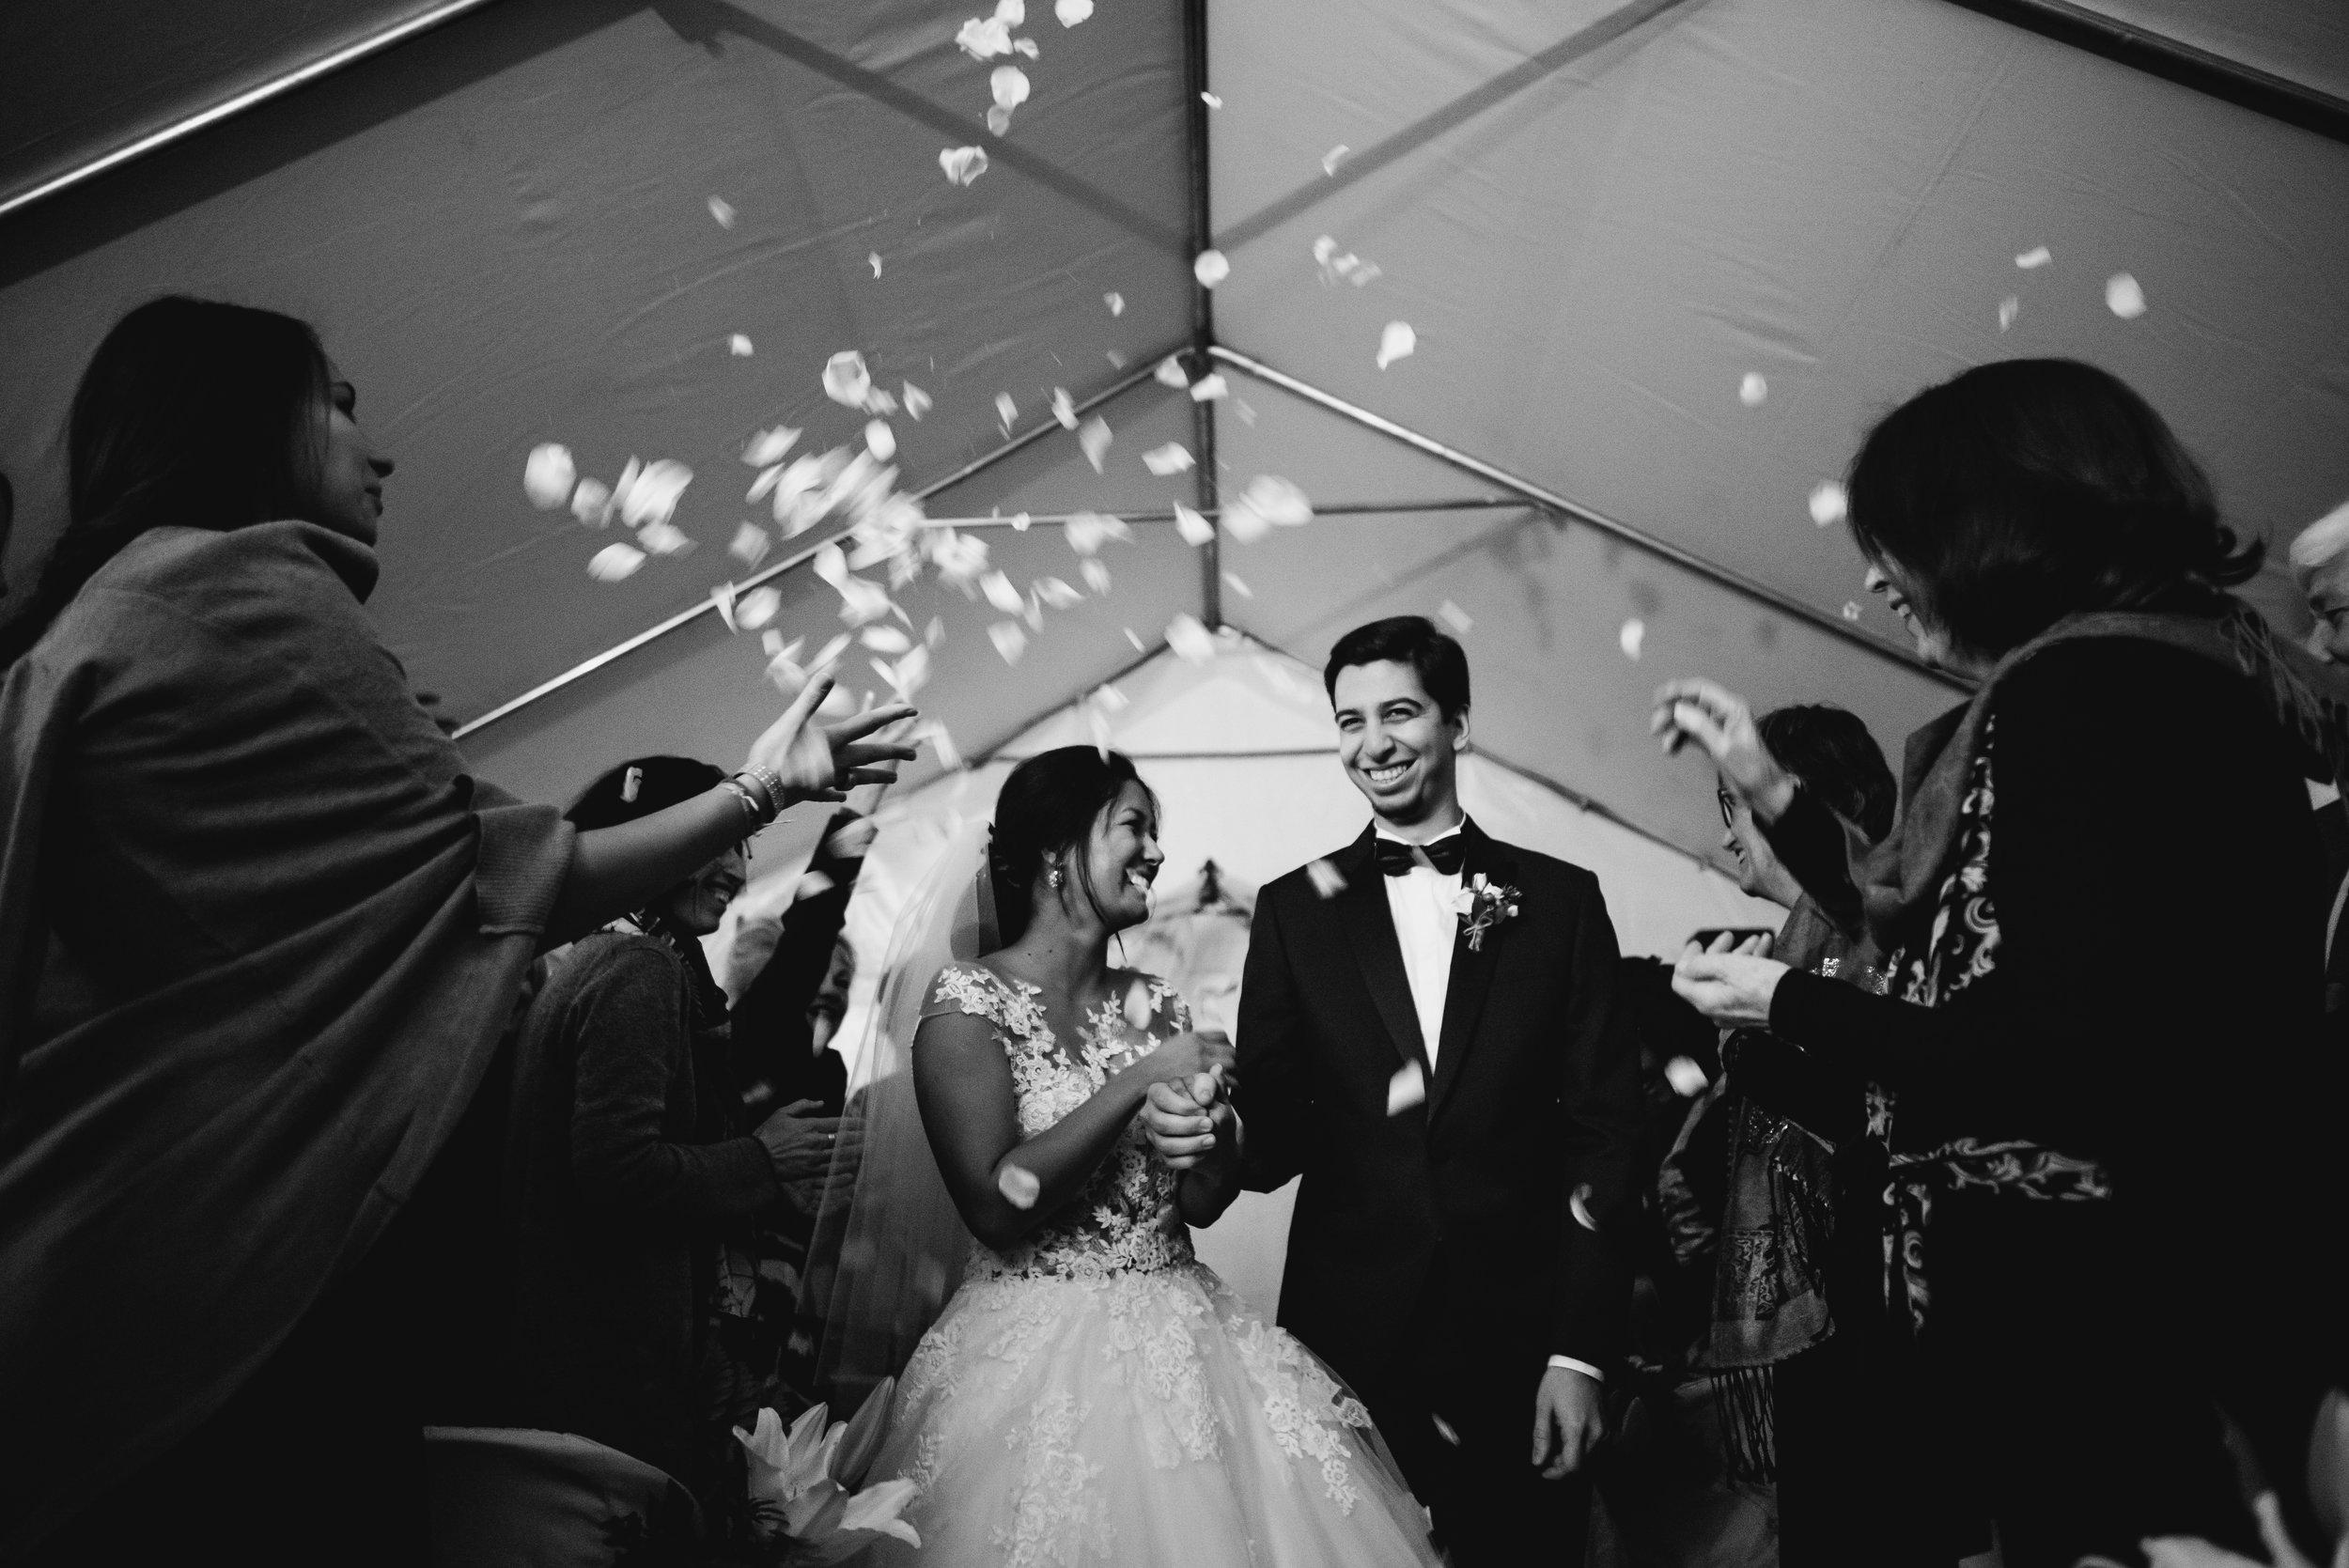 Léa-Fery-photographe-professionnel-lyon-rhone-alpes-portrait-creation-mariage-evenement-evenementiel-famille-2-66.jpg